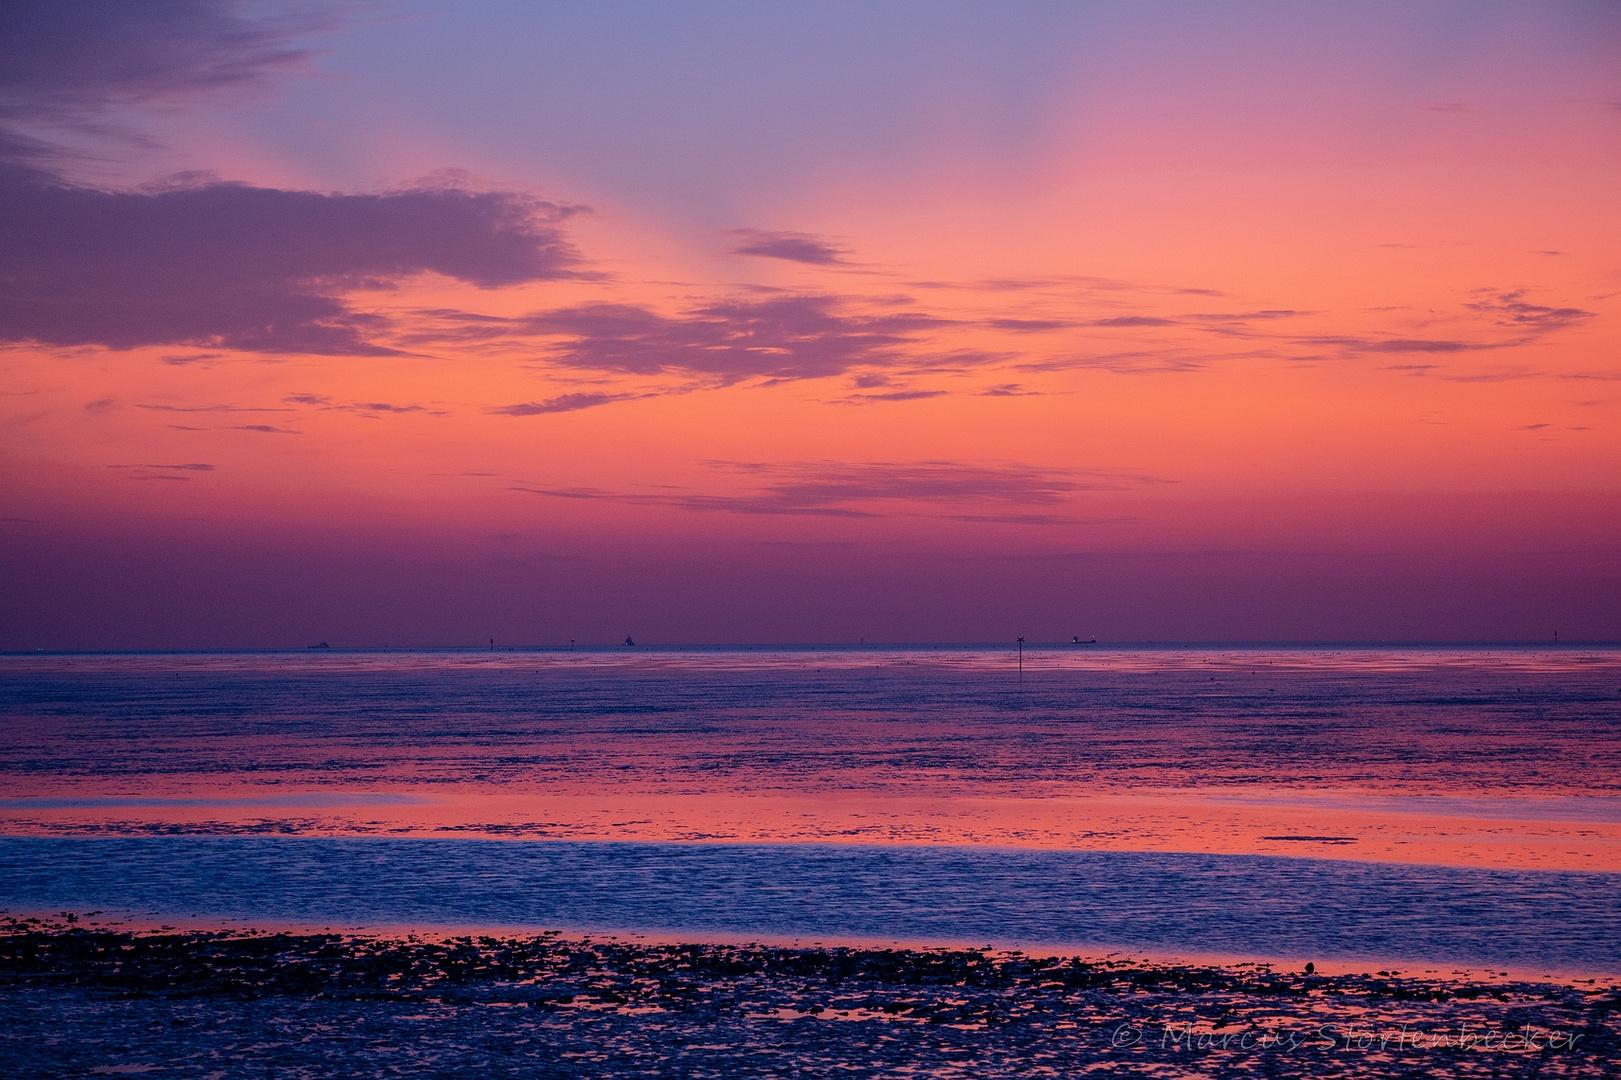 evening in pastel